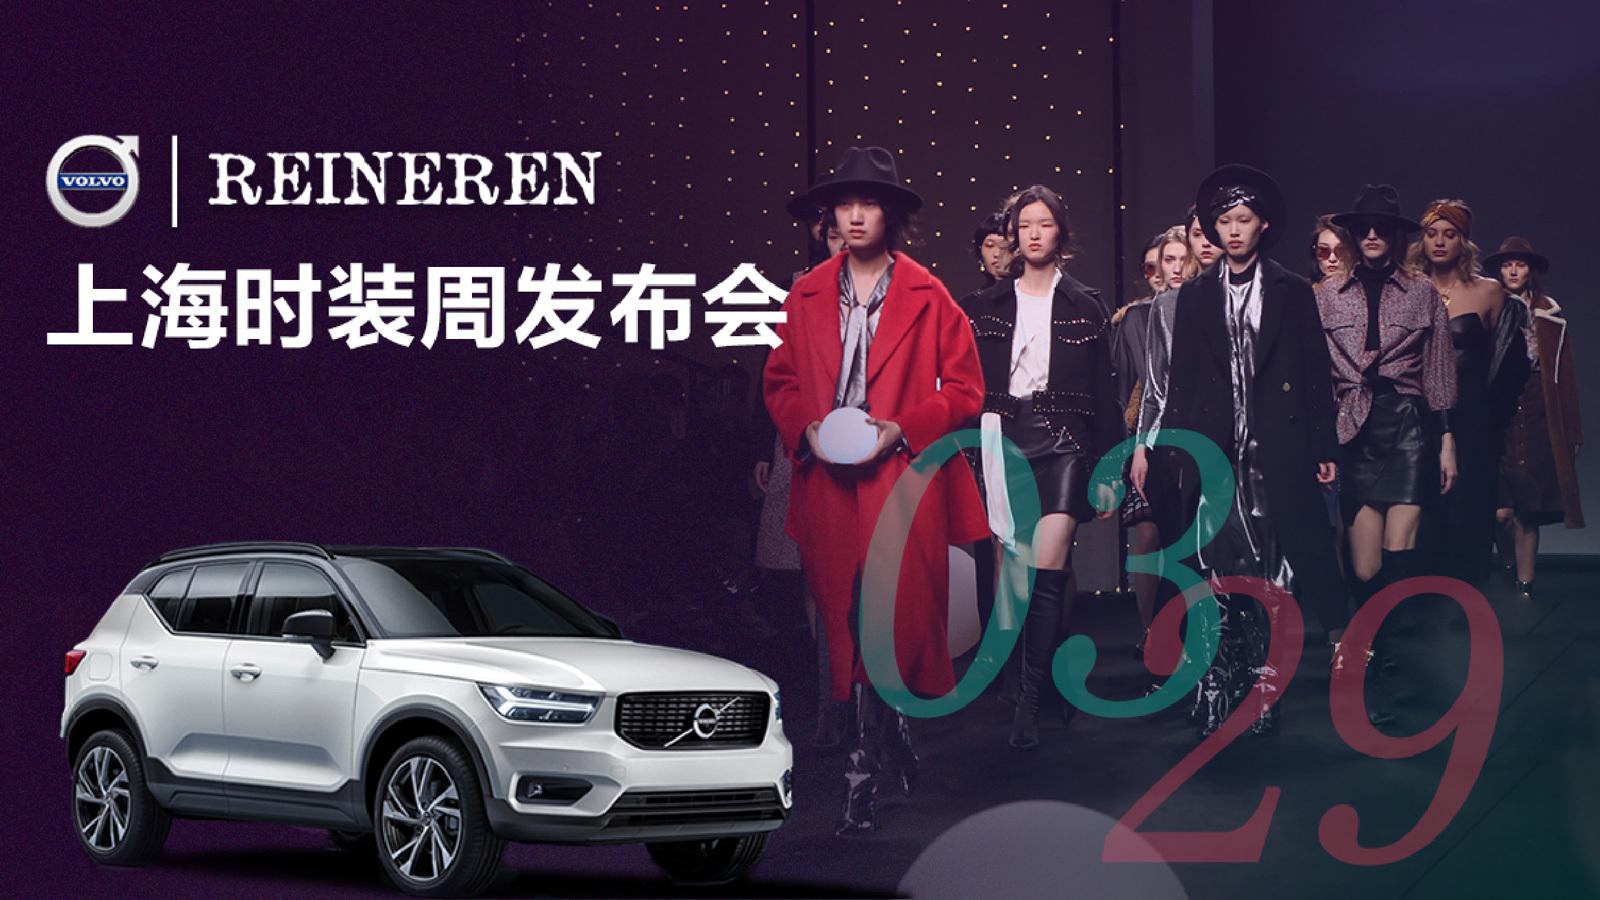 沃尔沃 x REINEREN,跨界联合潮爆上海时装周